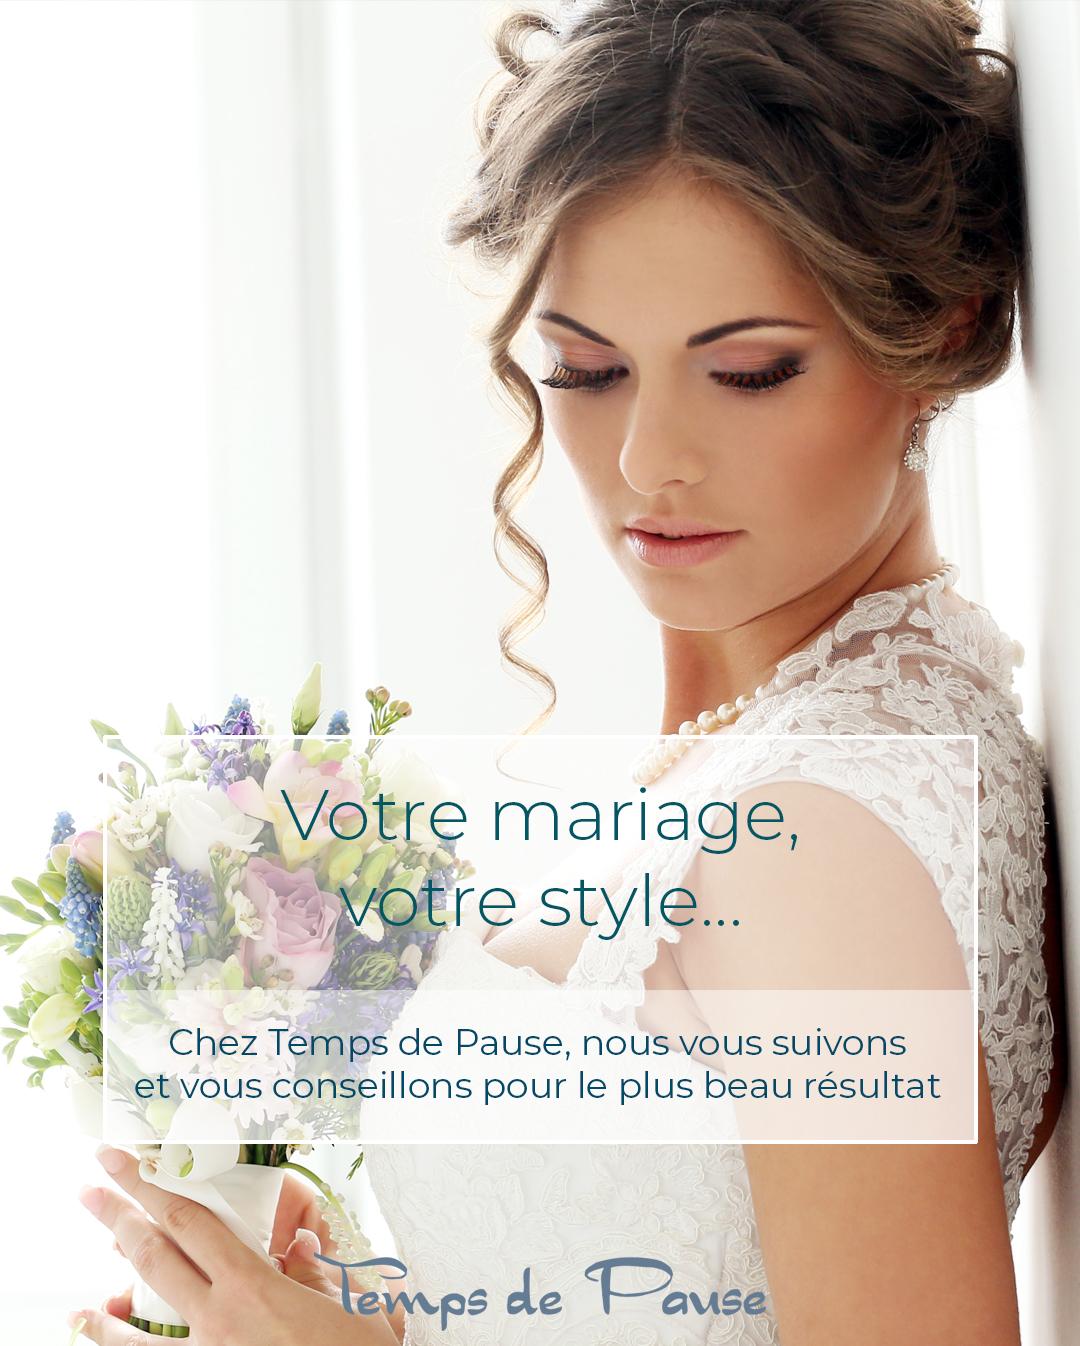 La mariée Temps de Pause, Votre mariage votre style